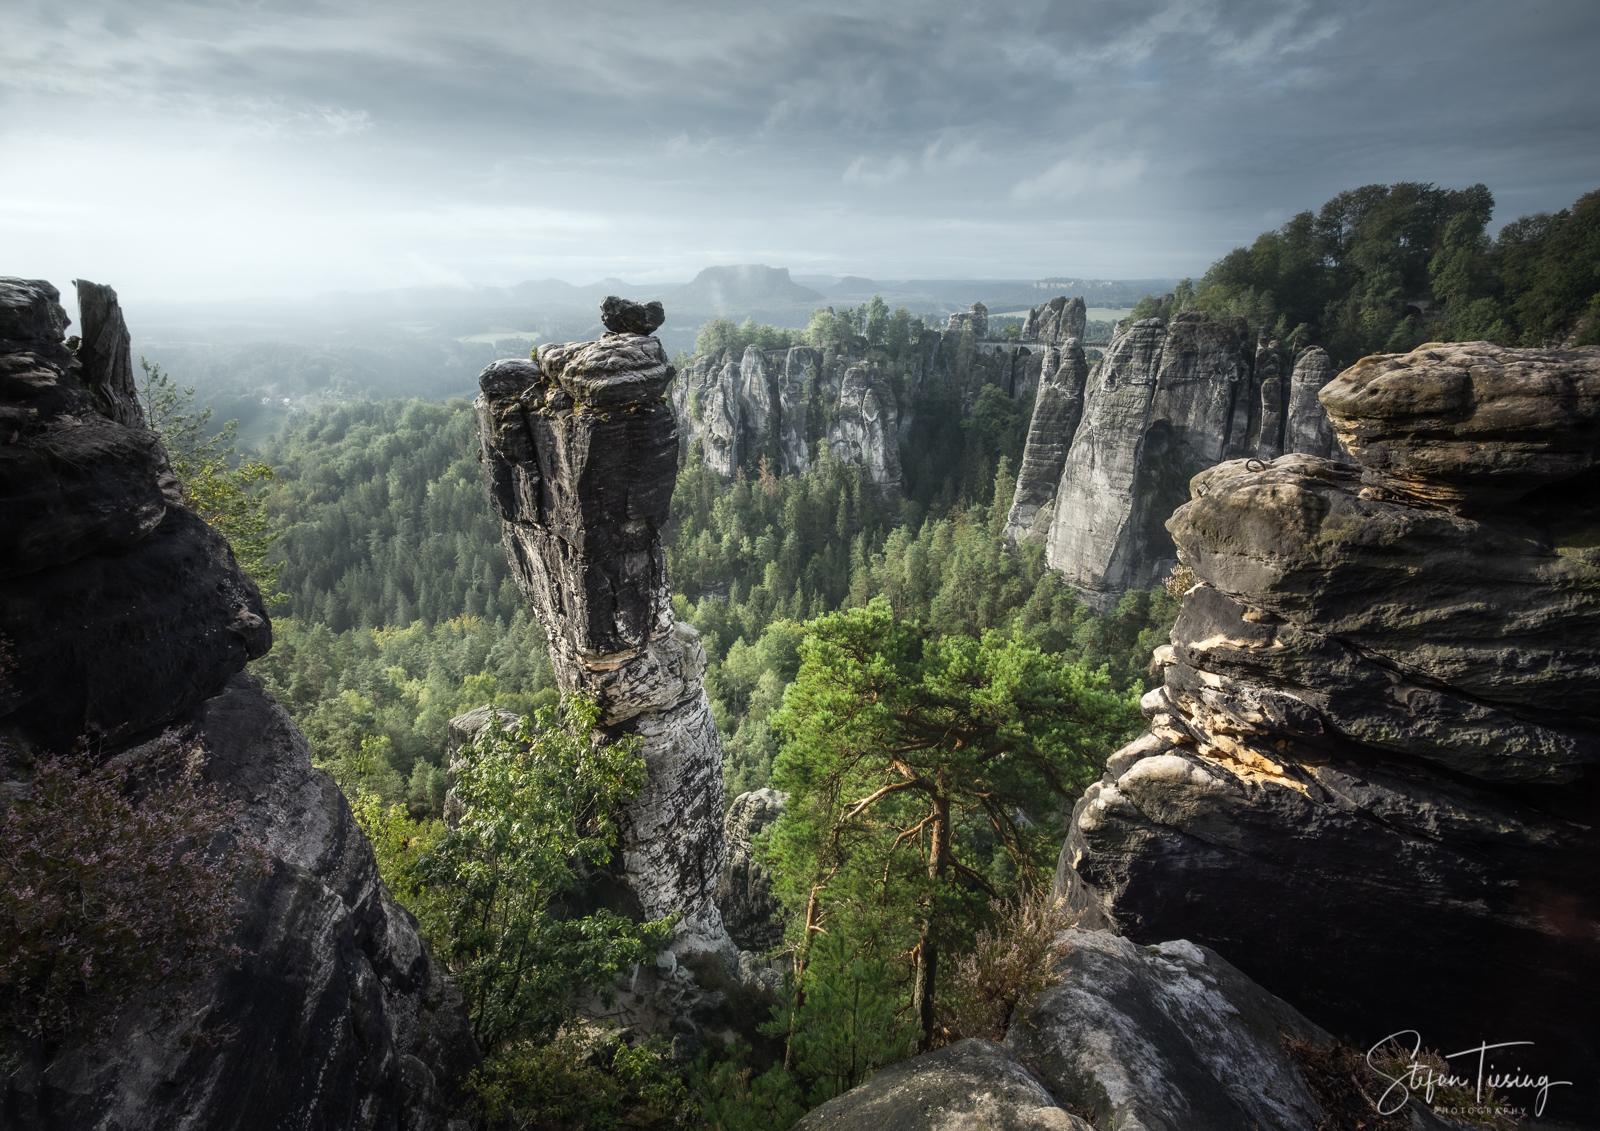 Die Wehlnadel in der Sächsischen Schweiz im Sonnenaufgang an einem nebligen Tag